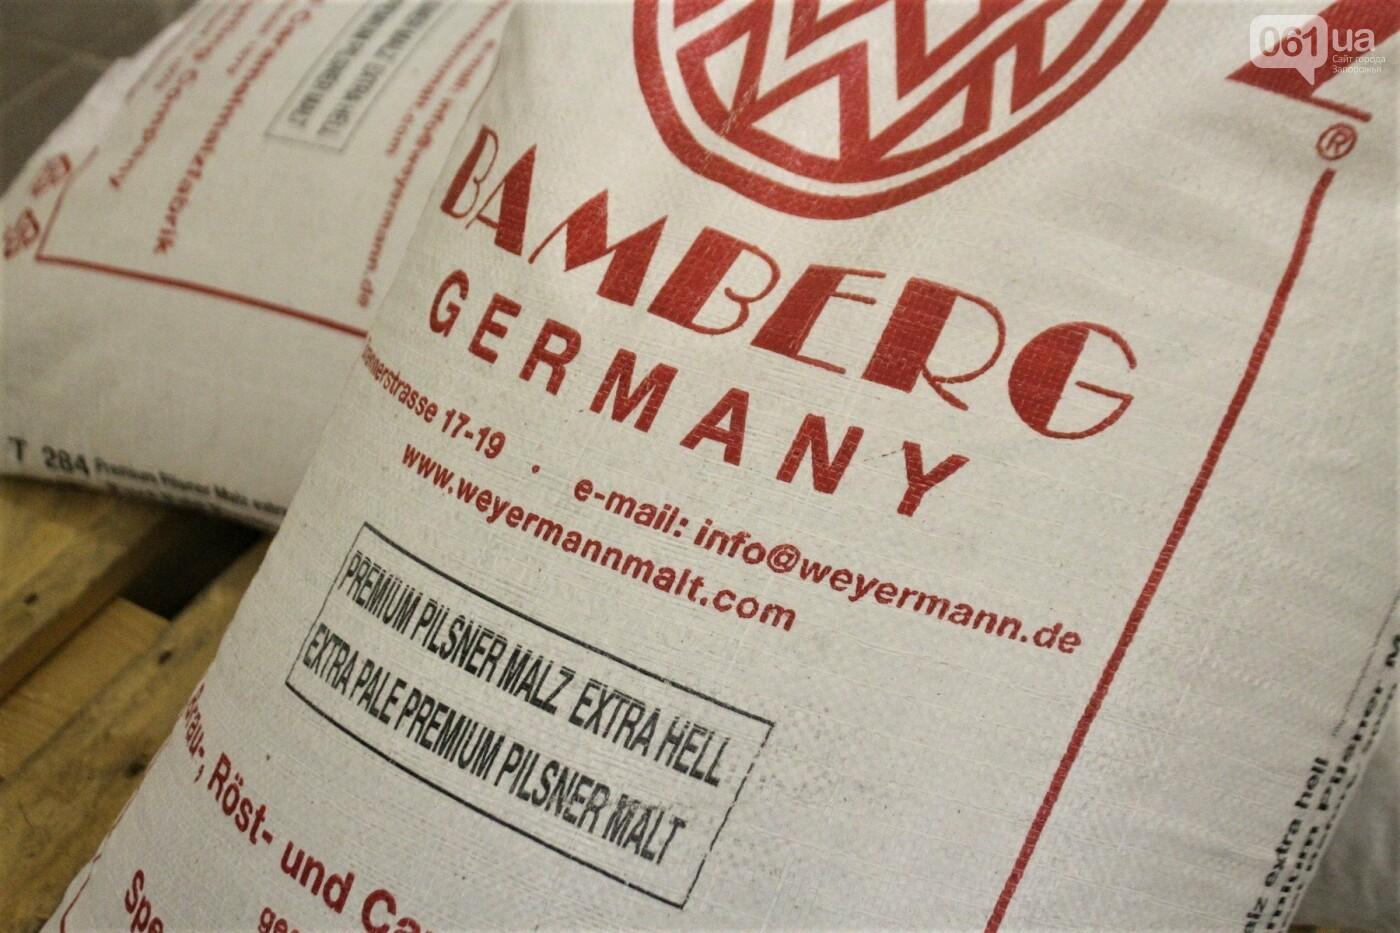 Как в Запорожье готовят крафтовое пиво «Limbier»: экскурсия на производство, – ФОТОРЕПОРТАЖ, фото-17